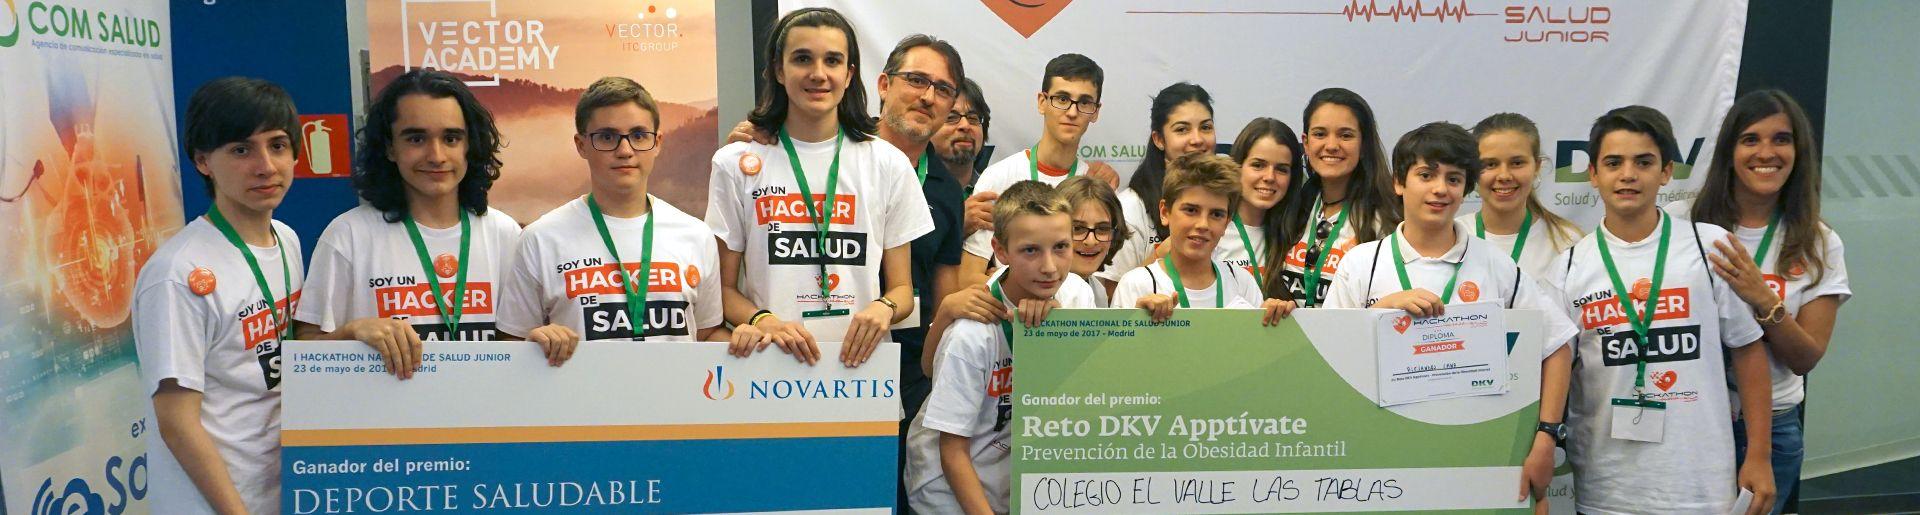 Hackathon Salud Junior